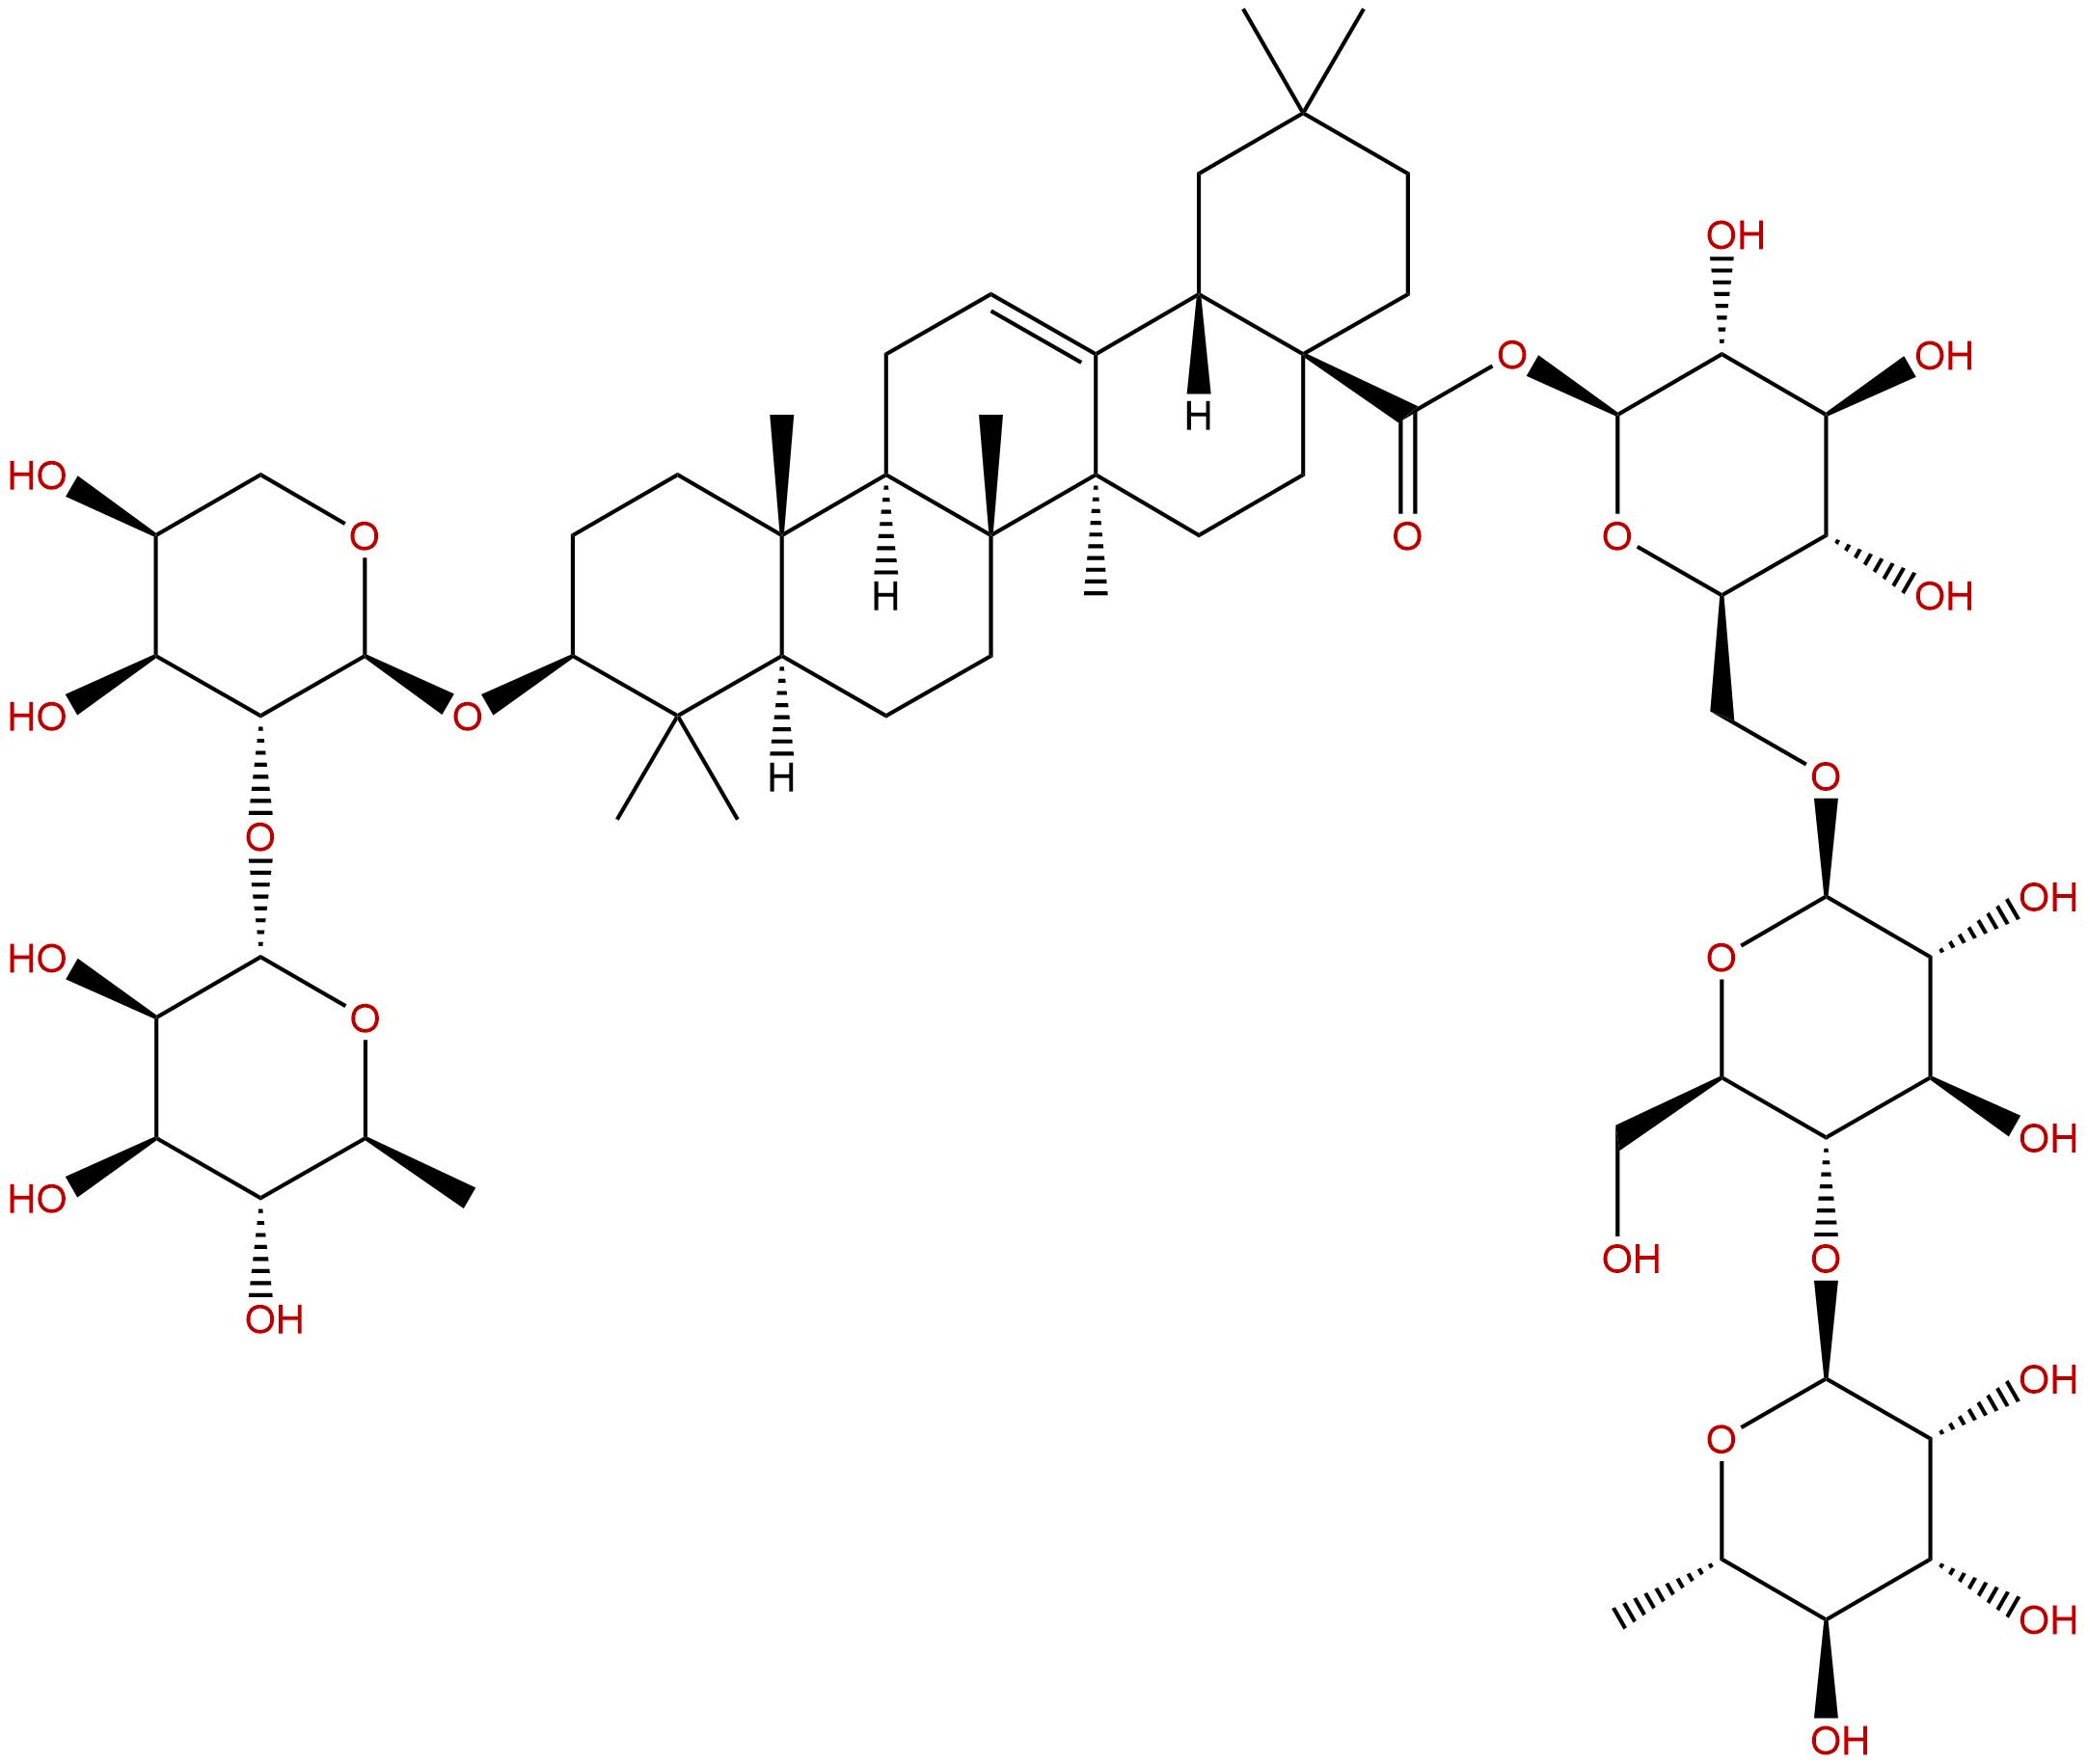 Hederasaponin B